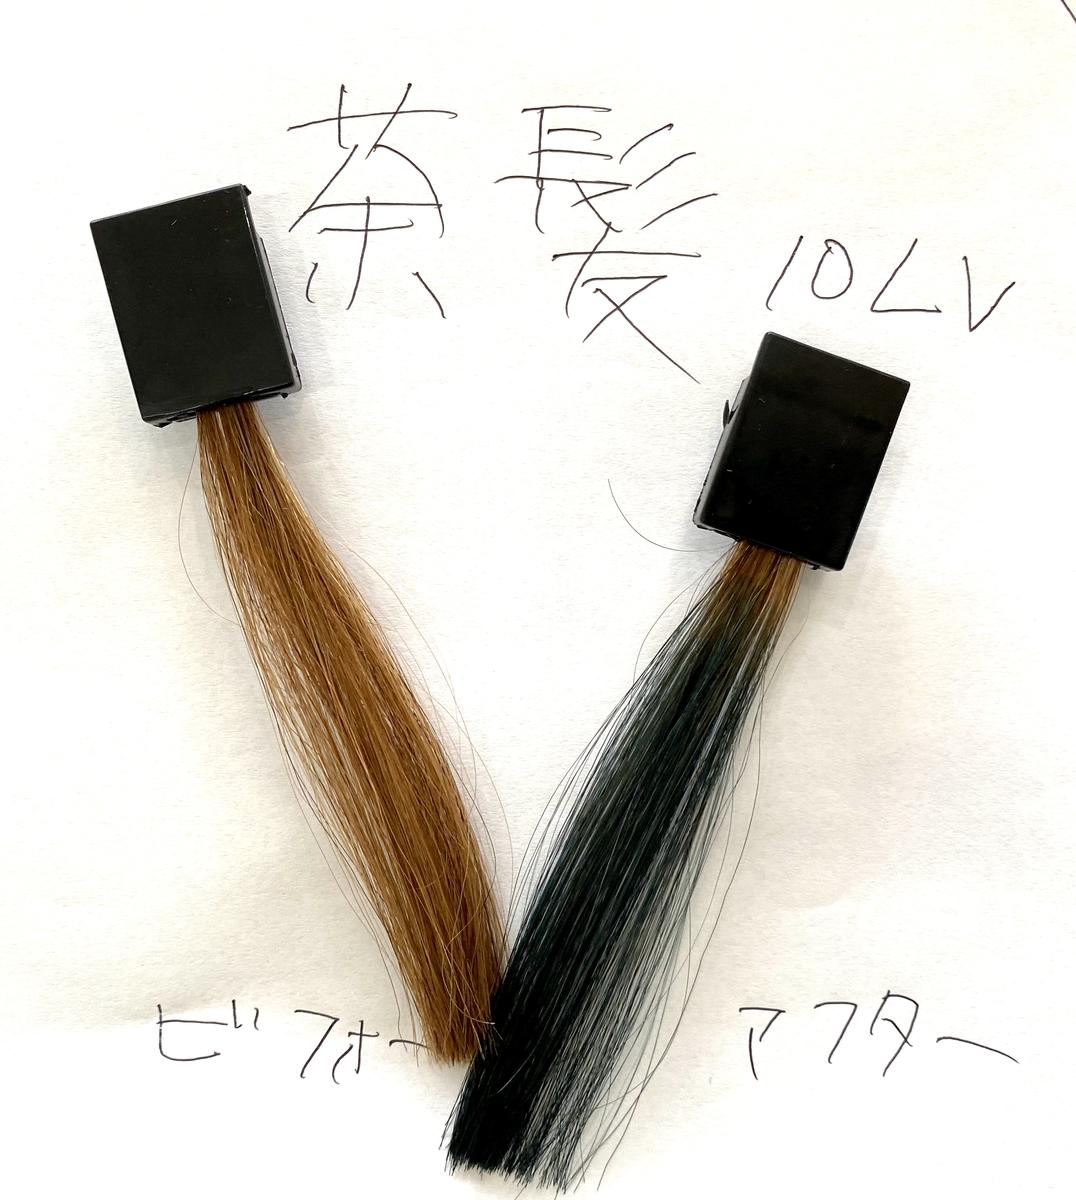 画面左が茶髪で画面右が茶髪にネイビーブルーで染めた仕上がり